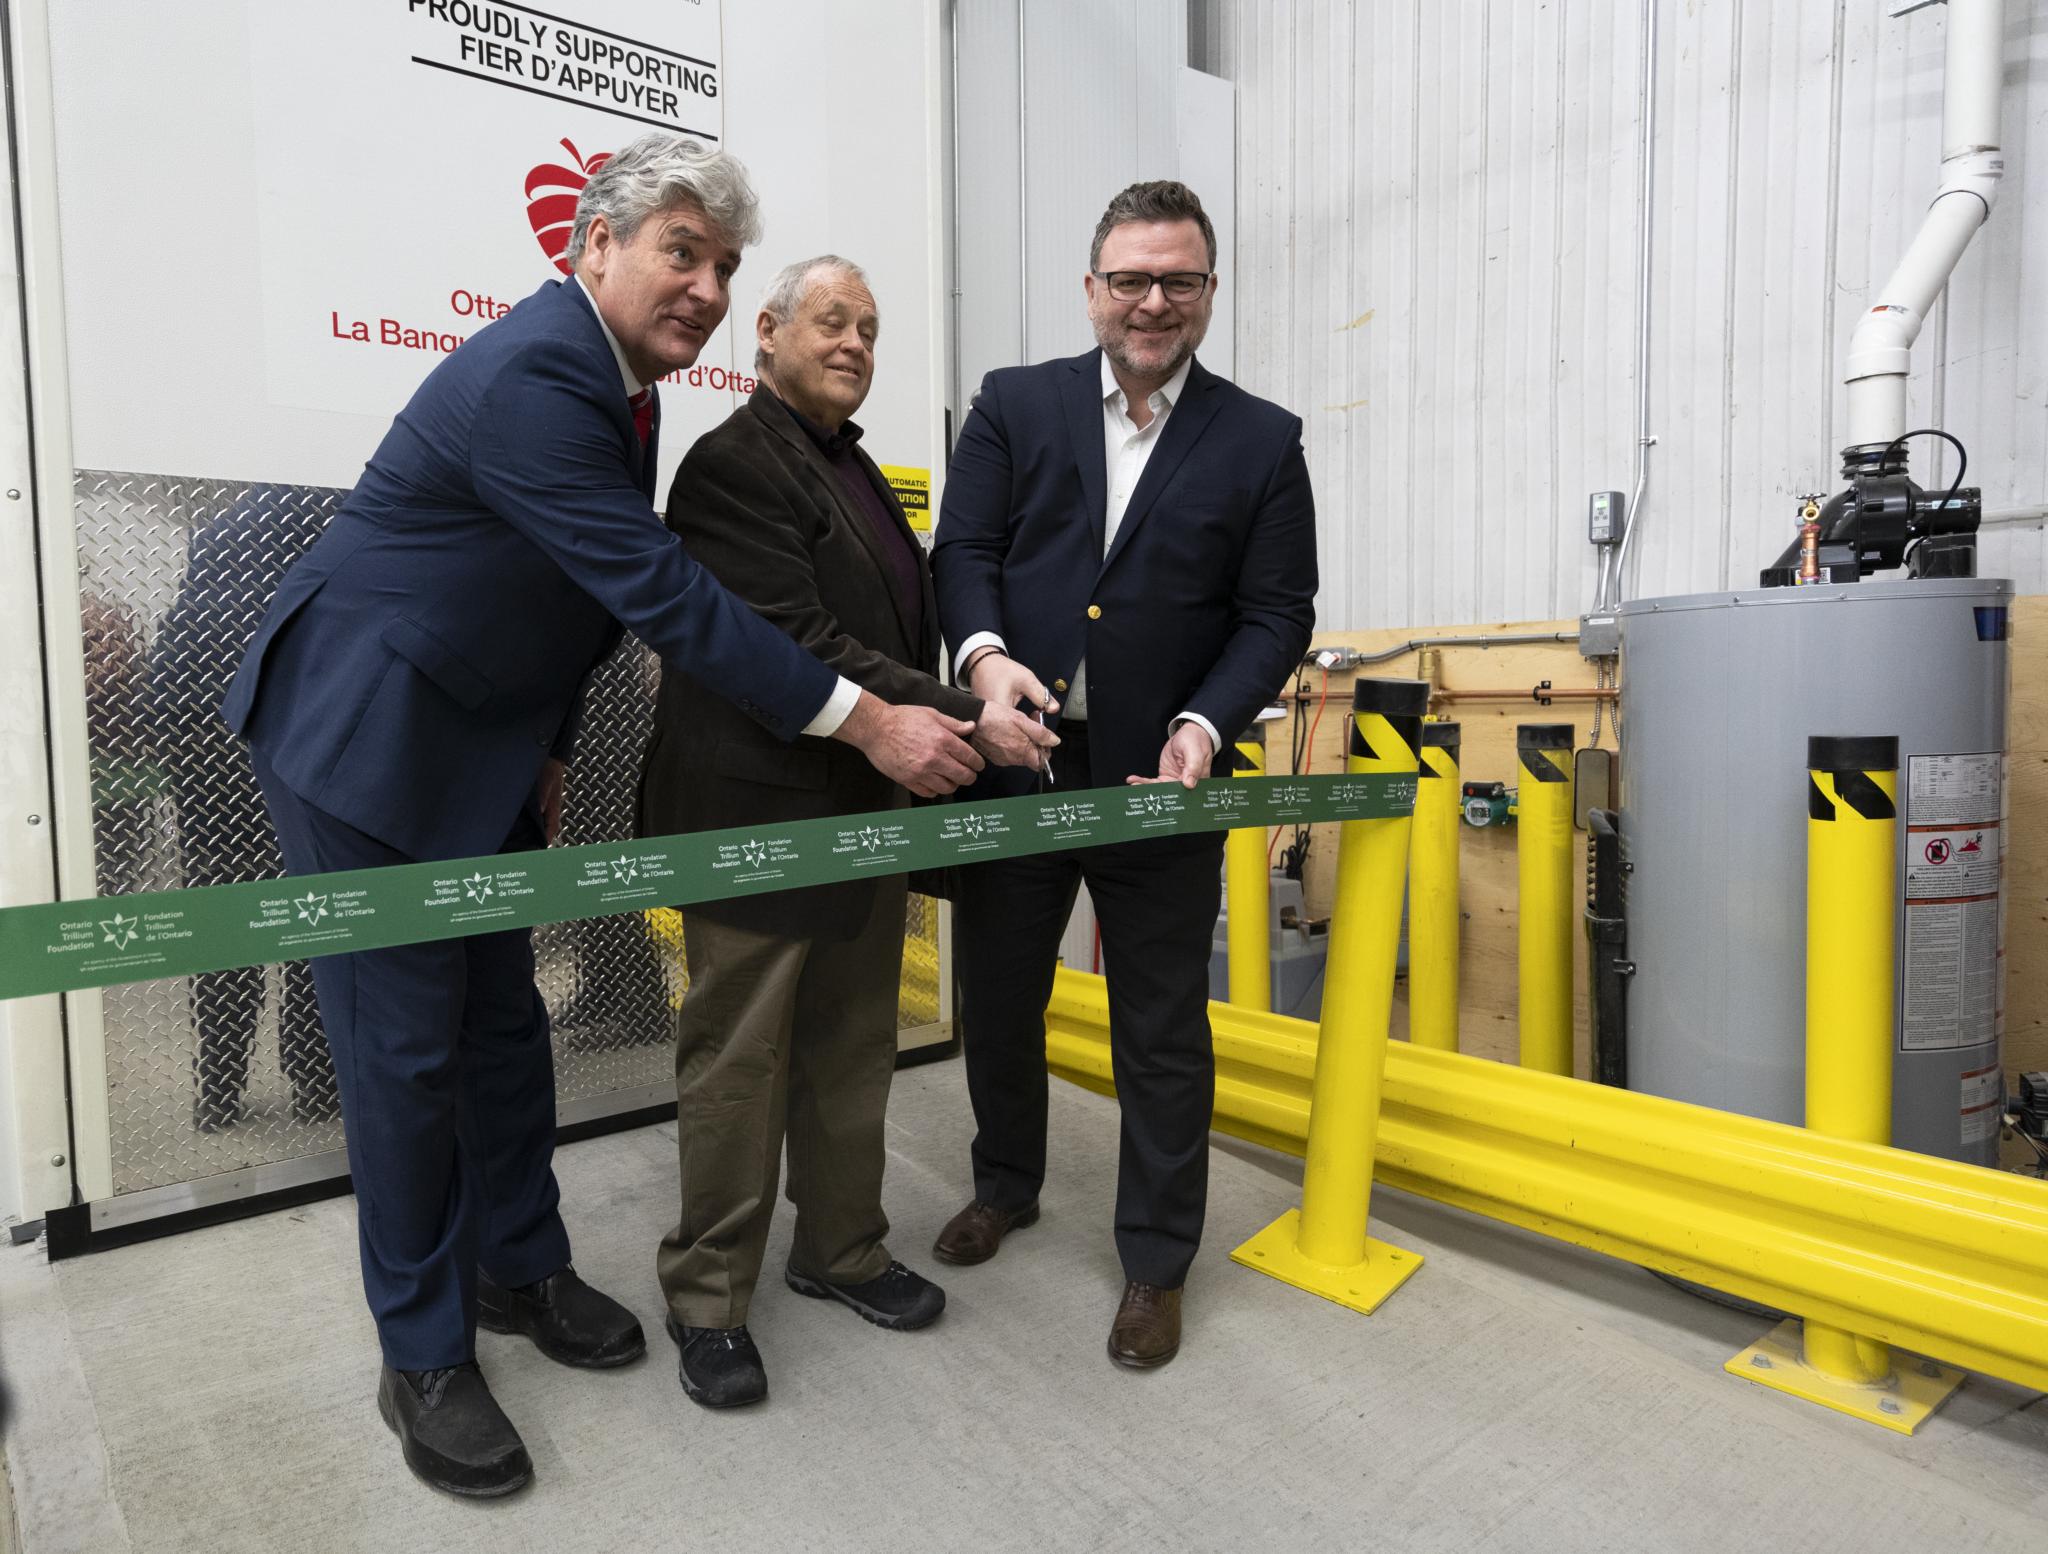 Ottawa food bank new freezer trillium foundation ontario